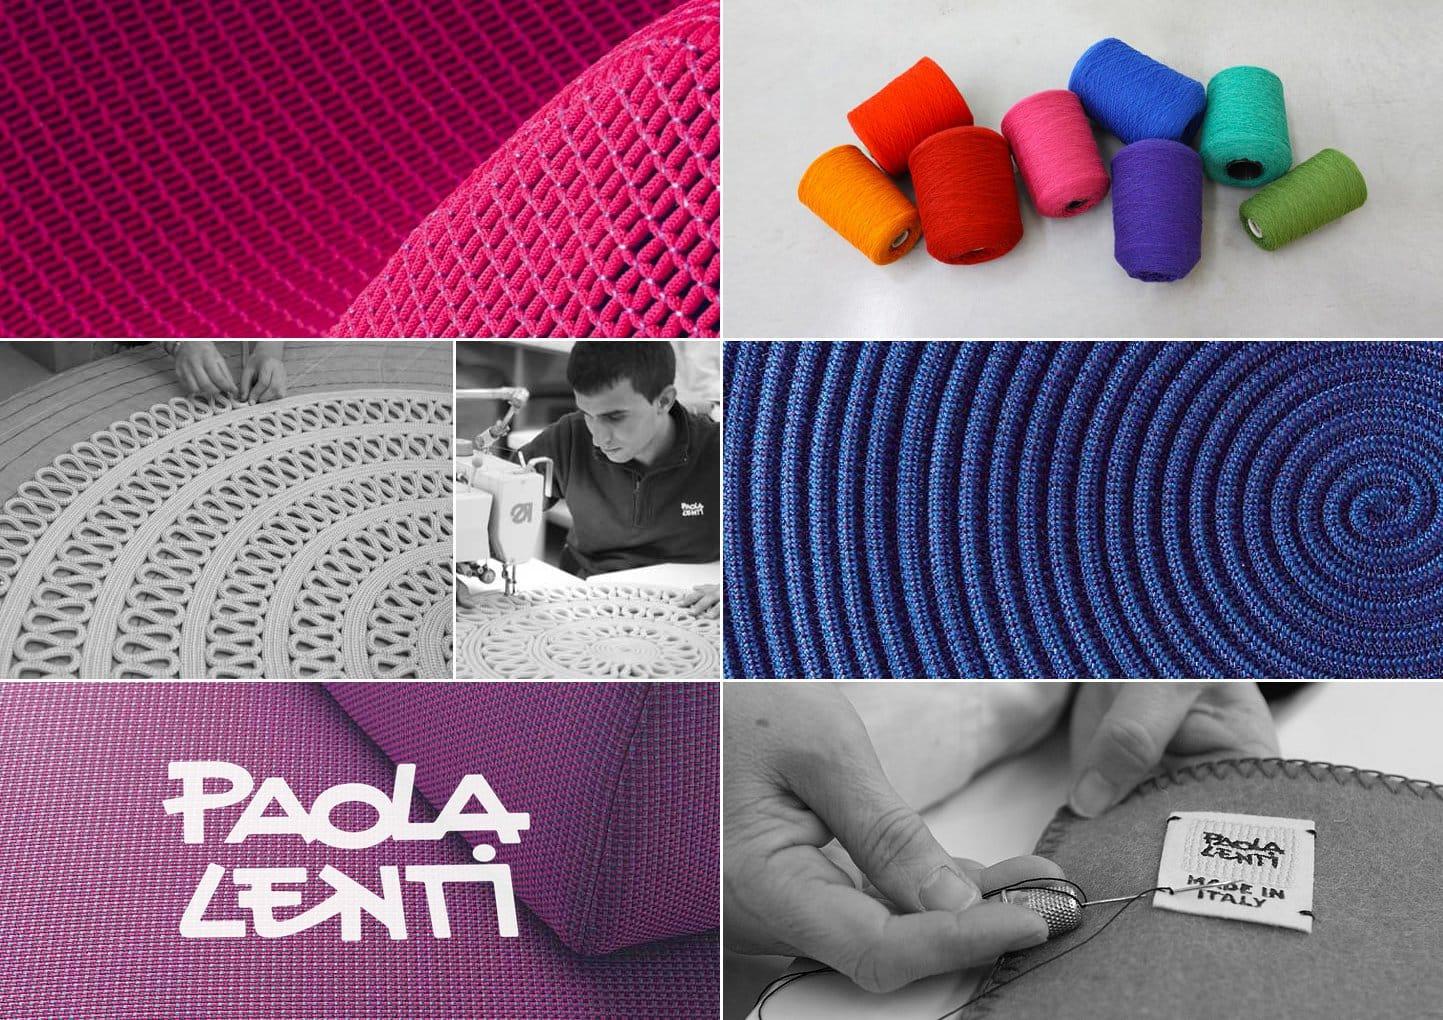 Paola-lenti-materiali